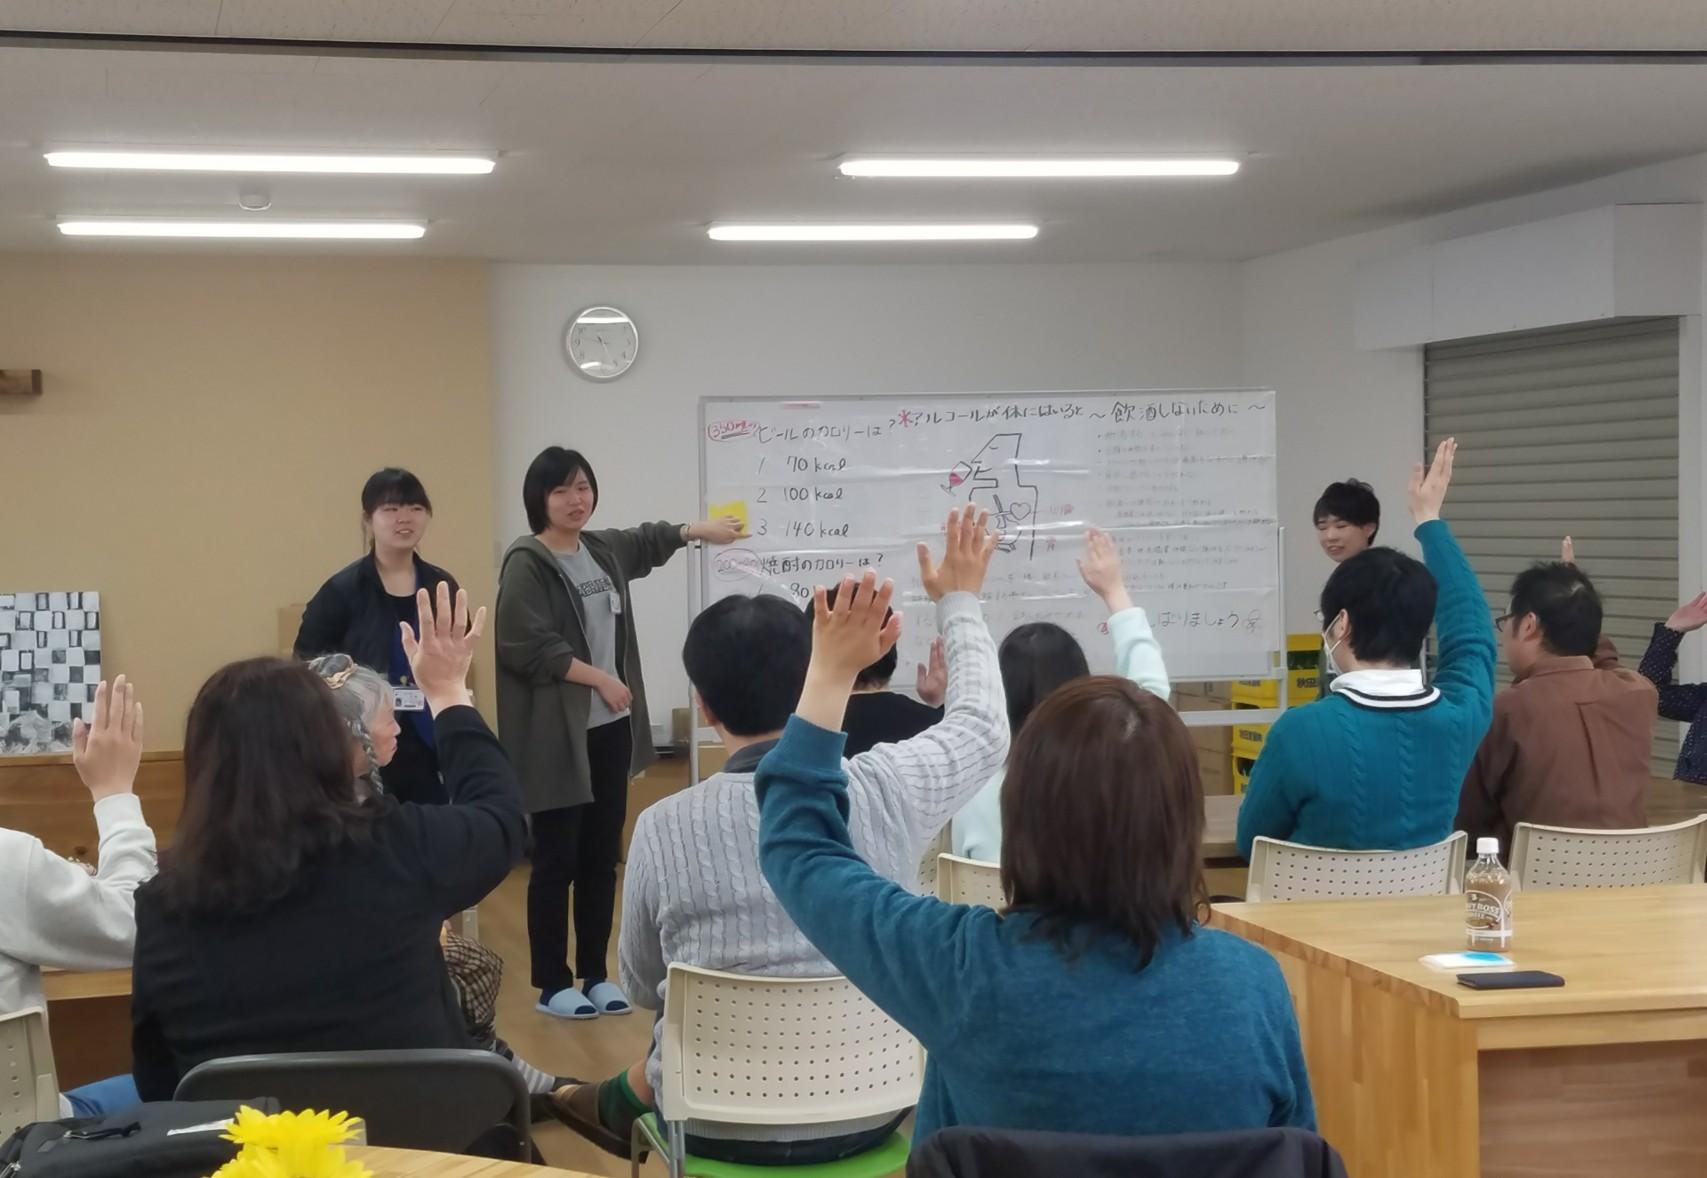 gyouzi2018-006